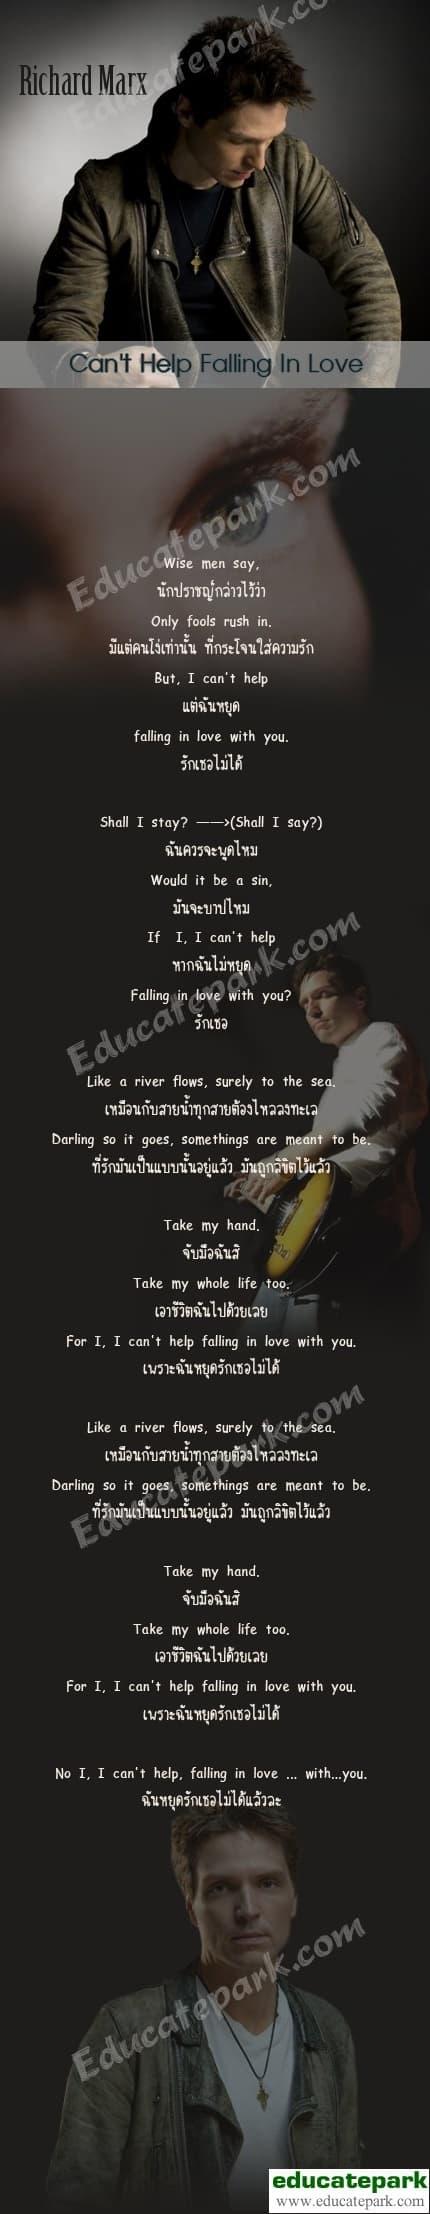 แปลเพลง Can't Help Falling in Love - Richard Marx